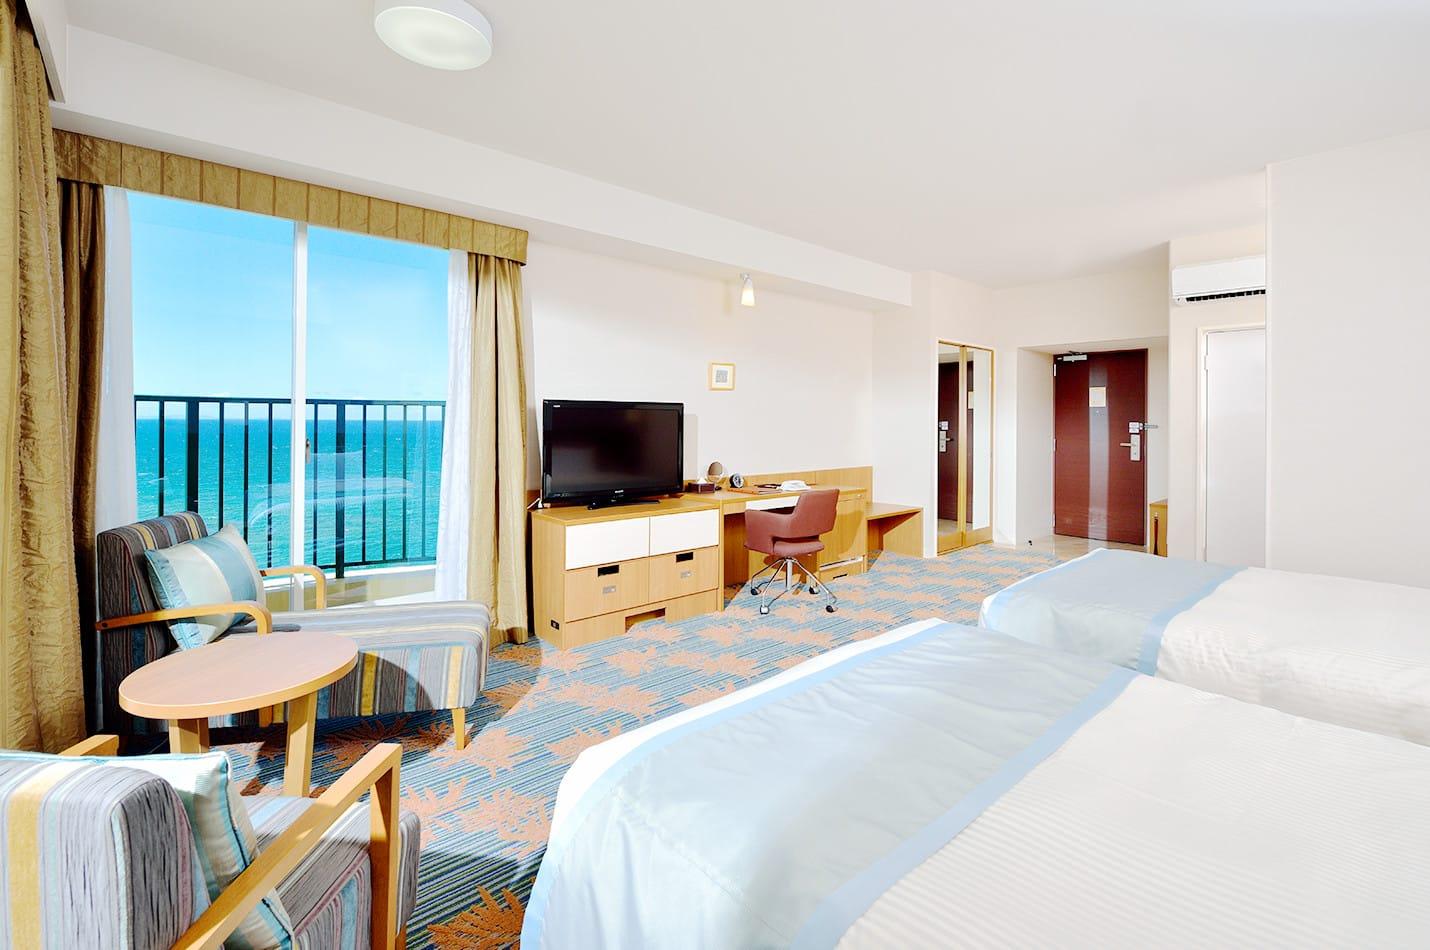 ベッセルホテルカンパーナ沖縄の魅力②客室